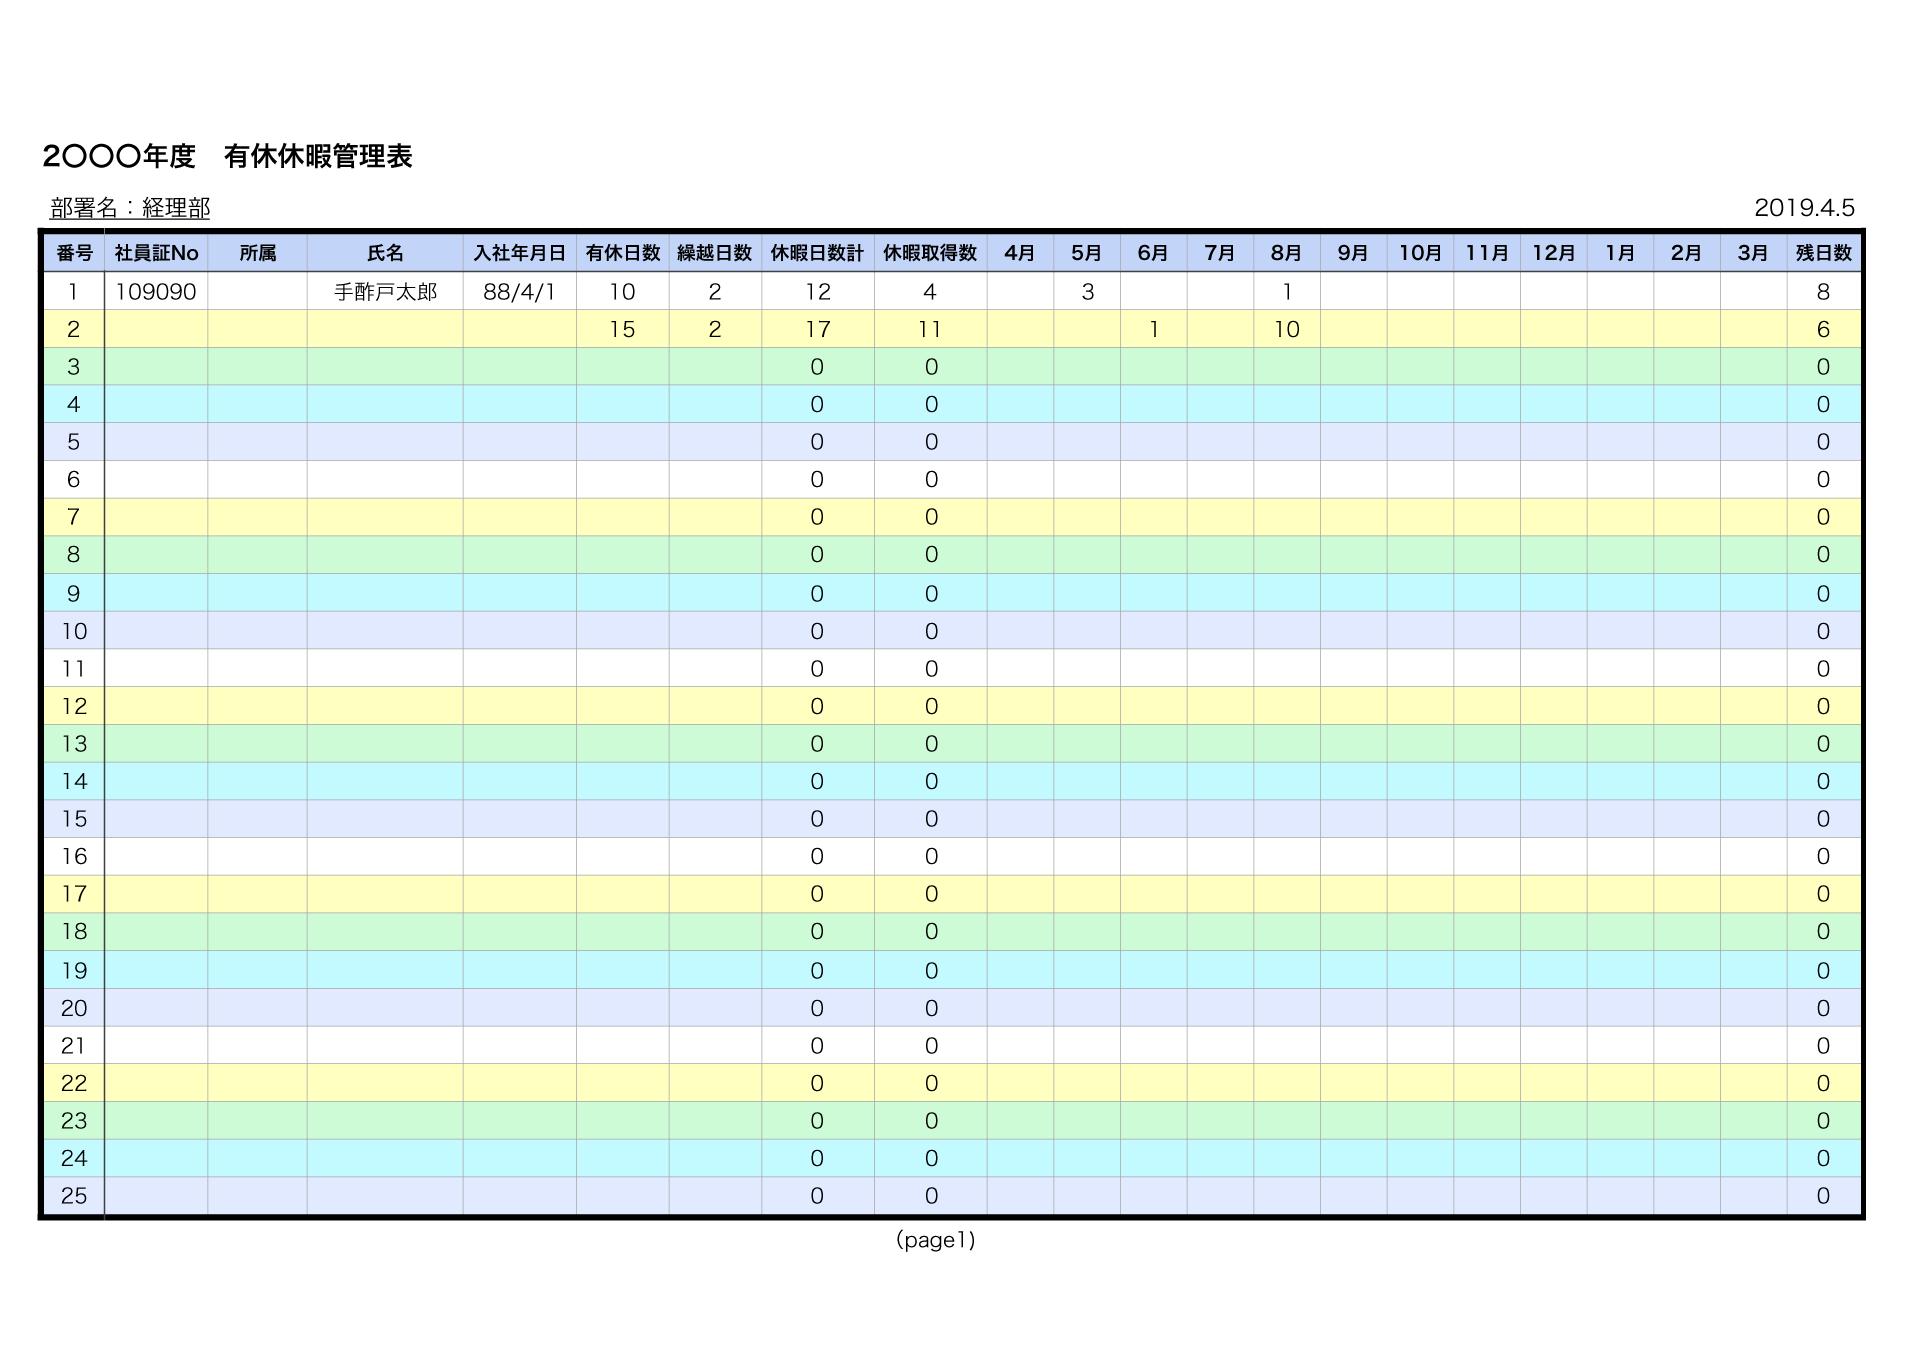 かんたん作成!有給休暇管理表テンプレート(エクセル・ナンバーズ)